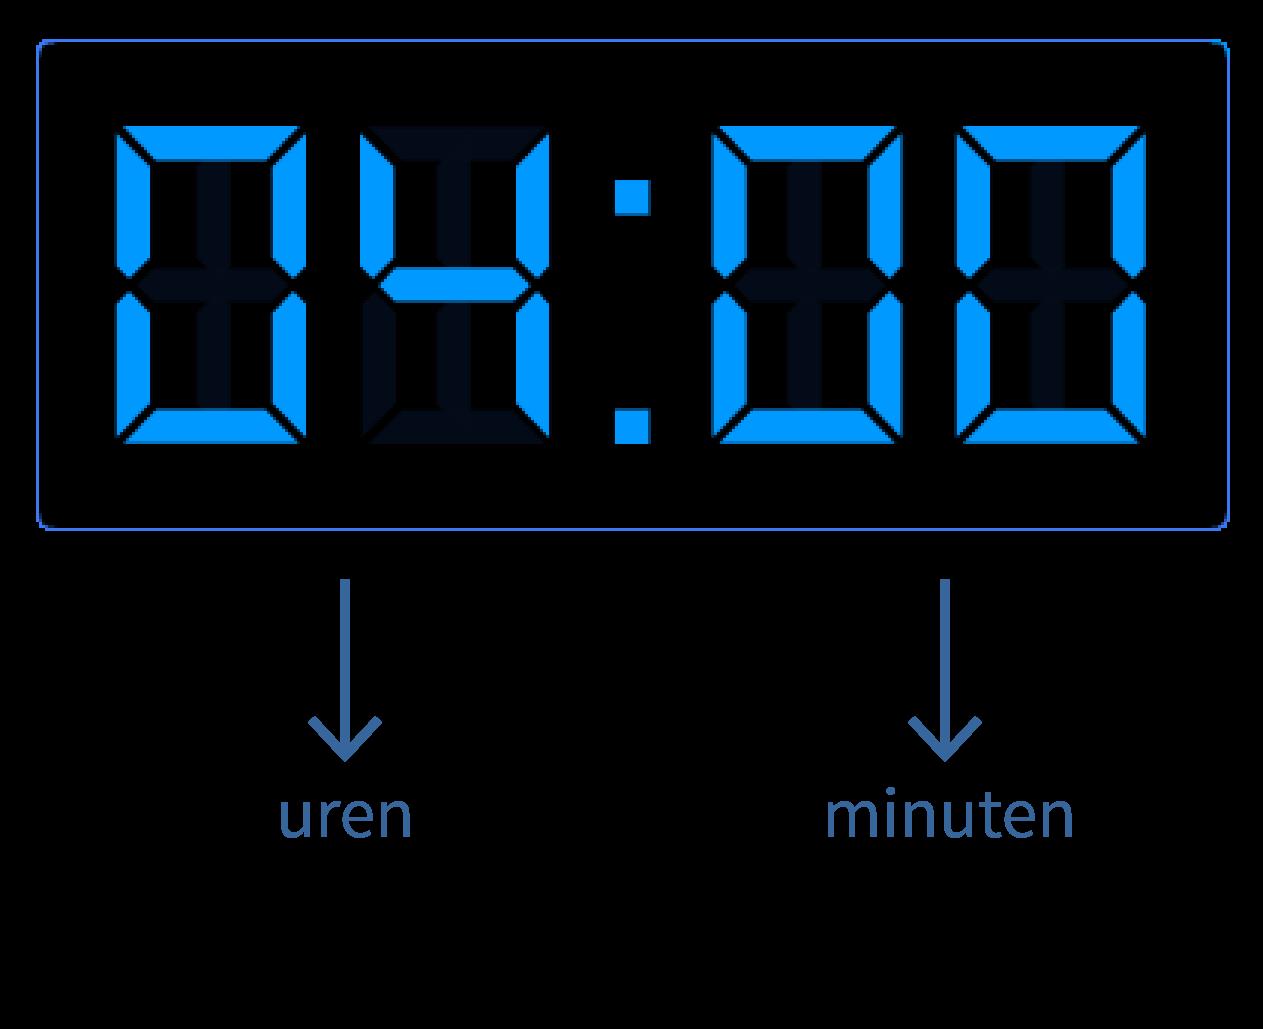 Hele uren op de digitale klok